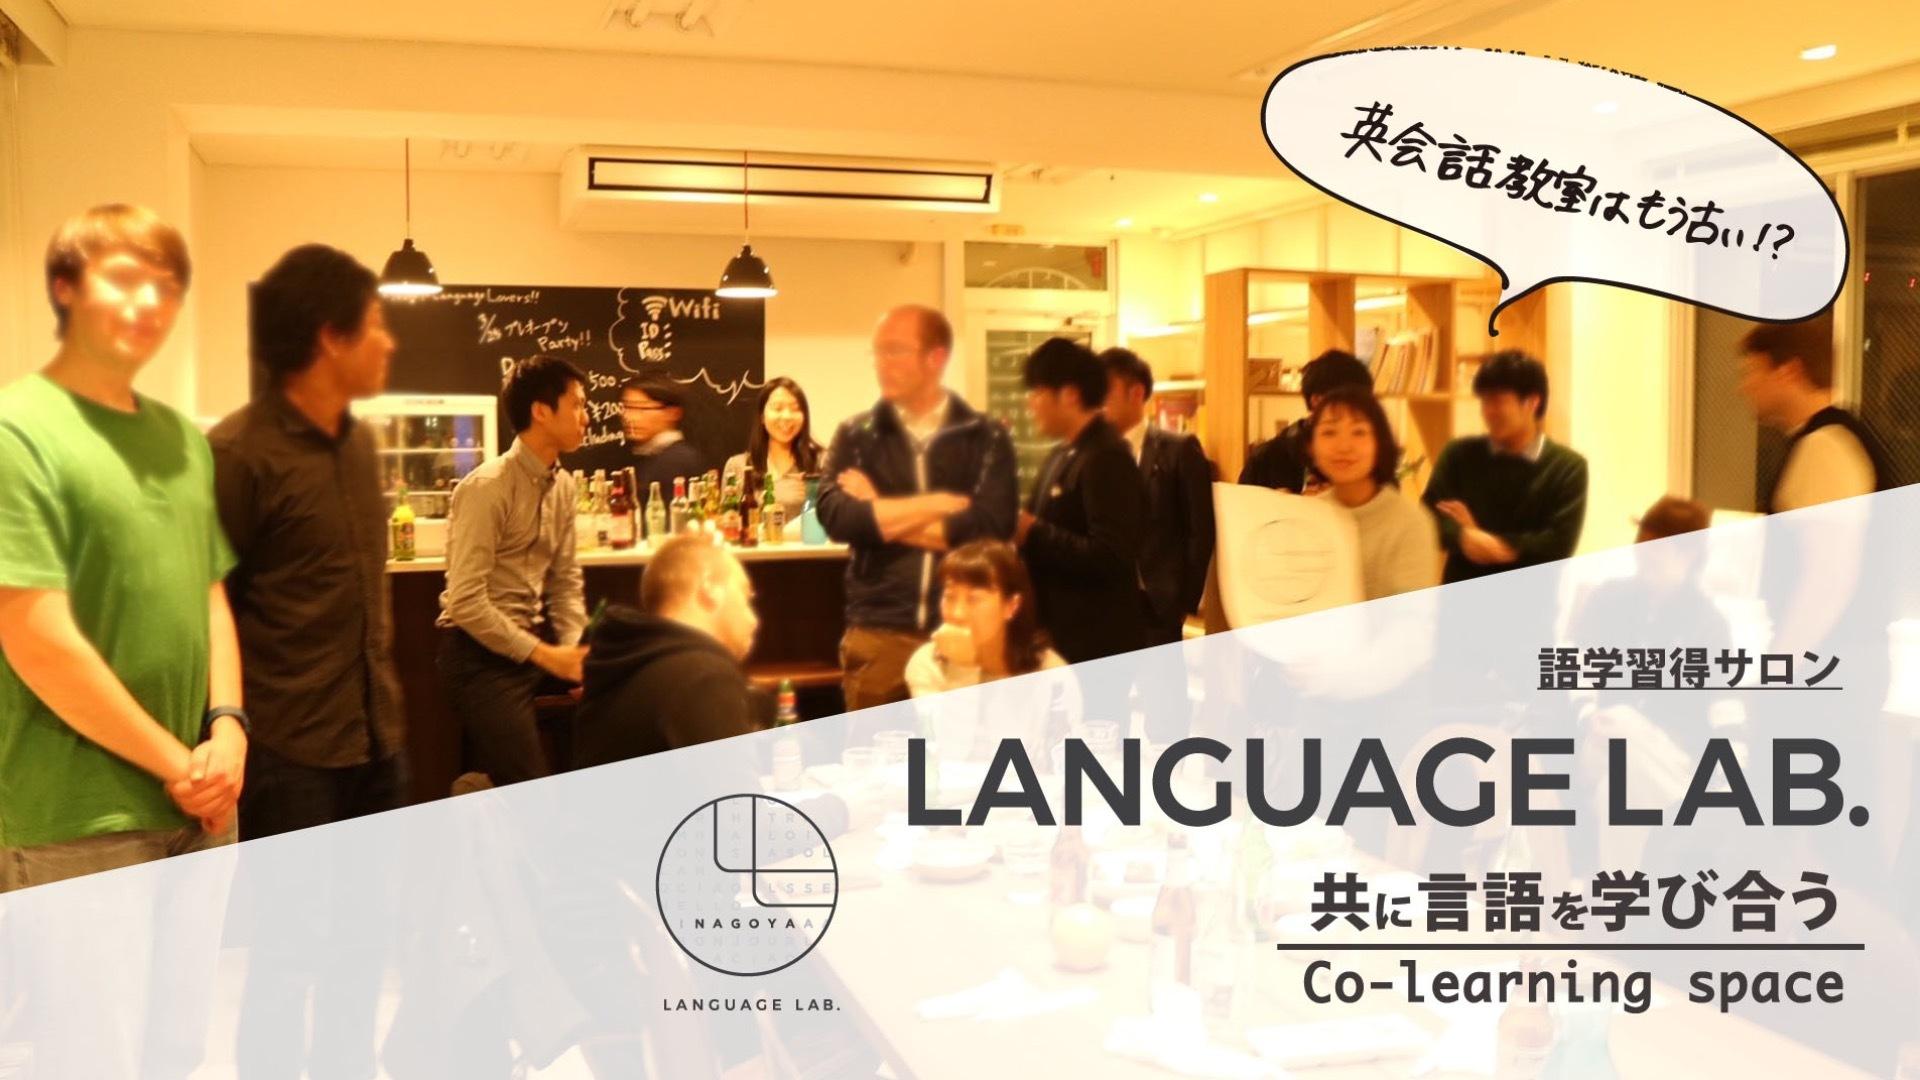 japan language lovers language lab 英会話授業受け放題 名古屋